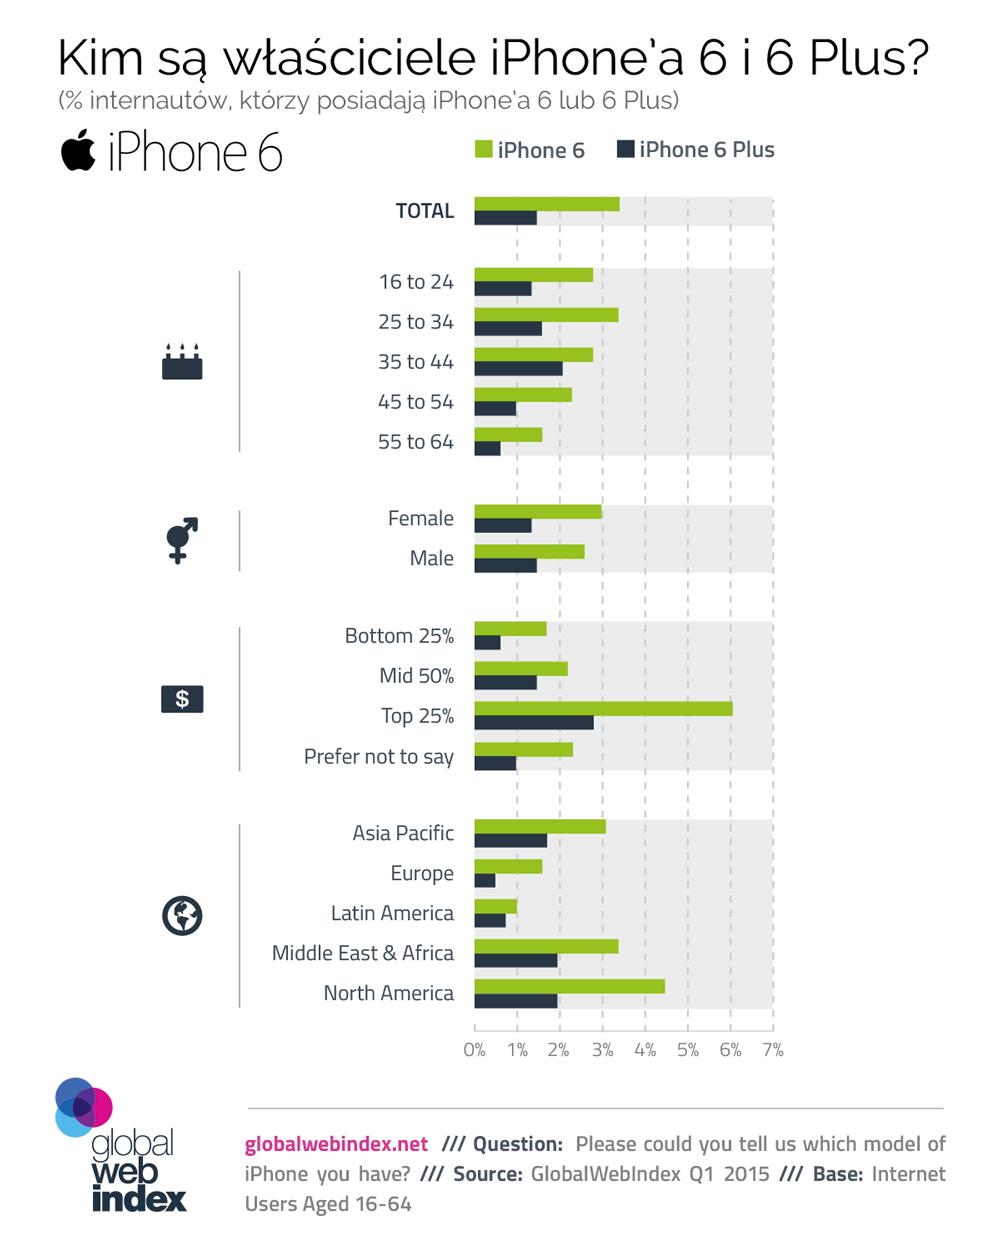 Kim są właściciele iPhone'a 6 i 6 Plus? - wyniki badania